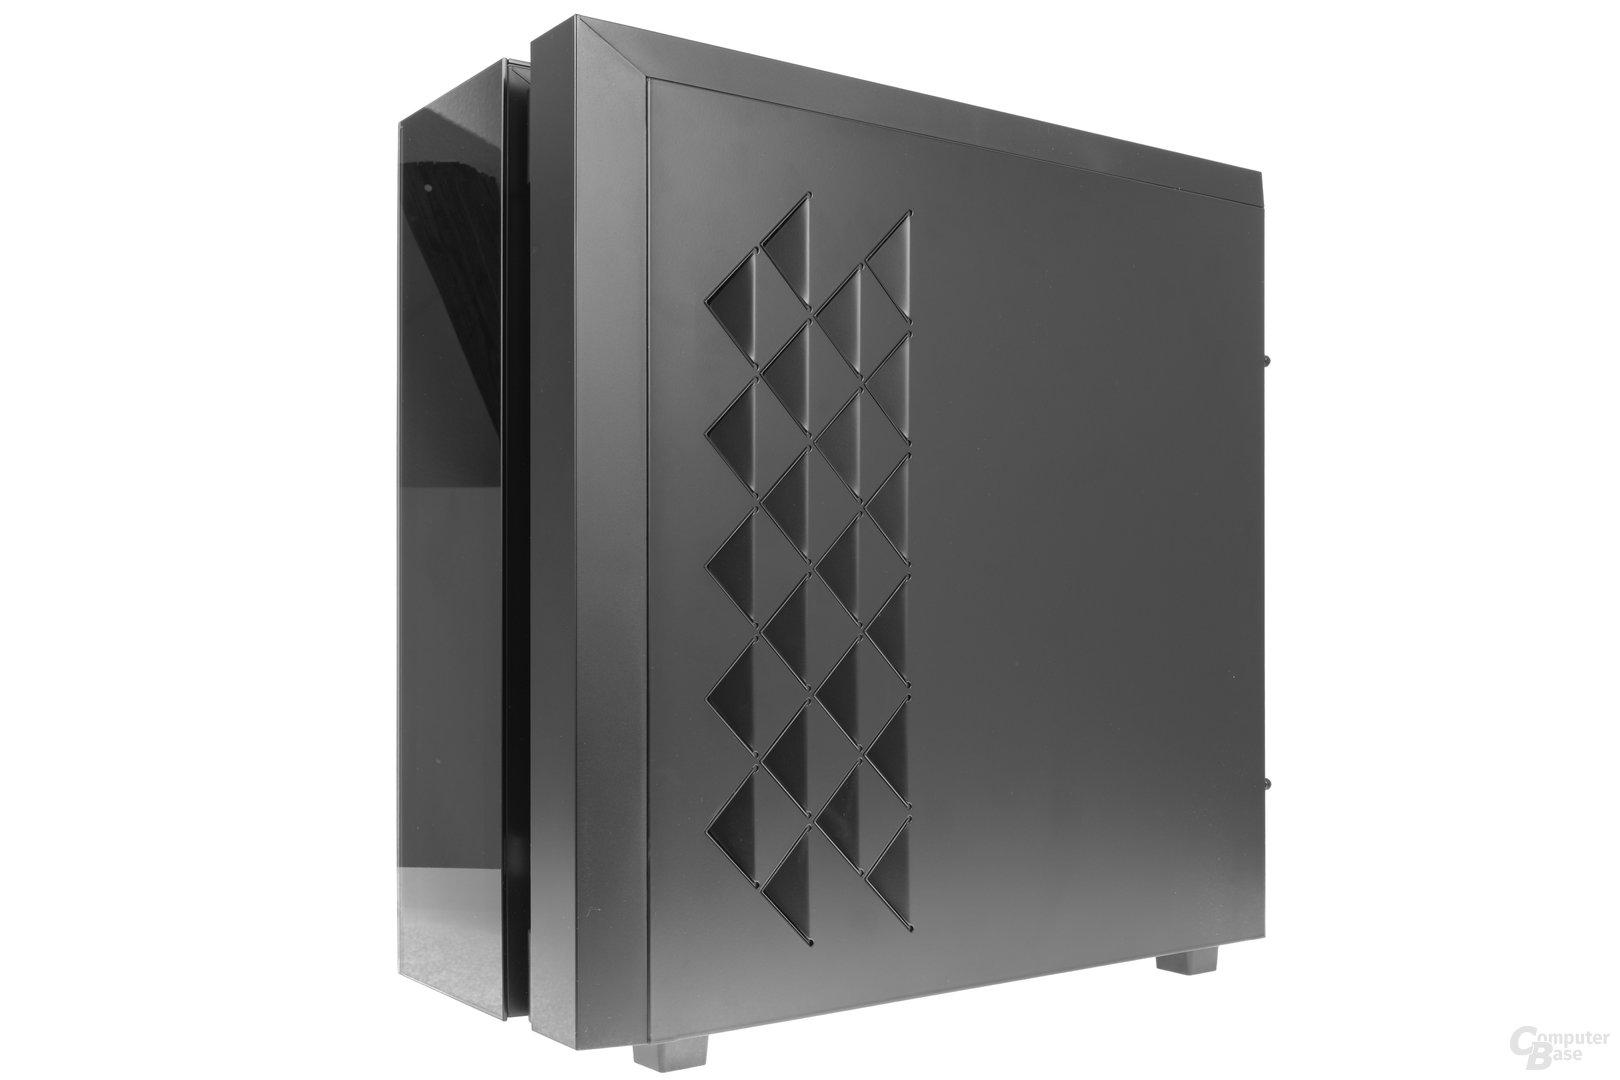 Deepcool New Ark 90 – Rechte Seitenansicht